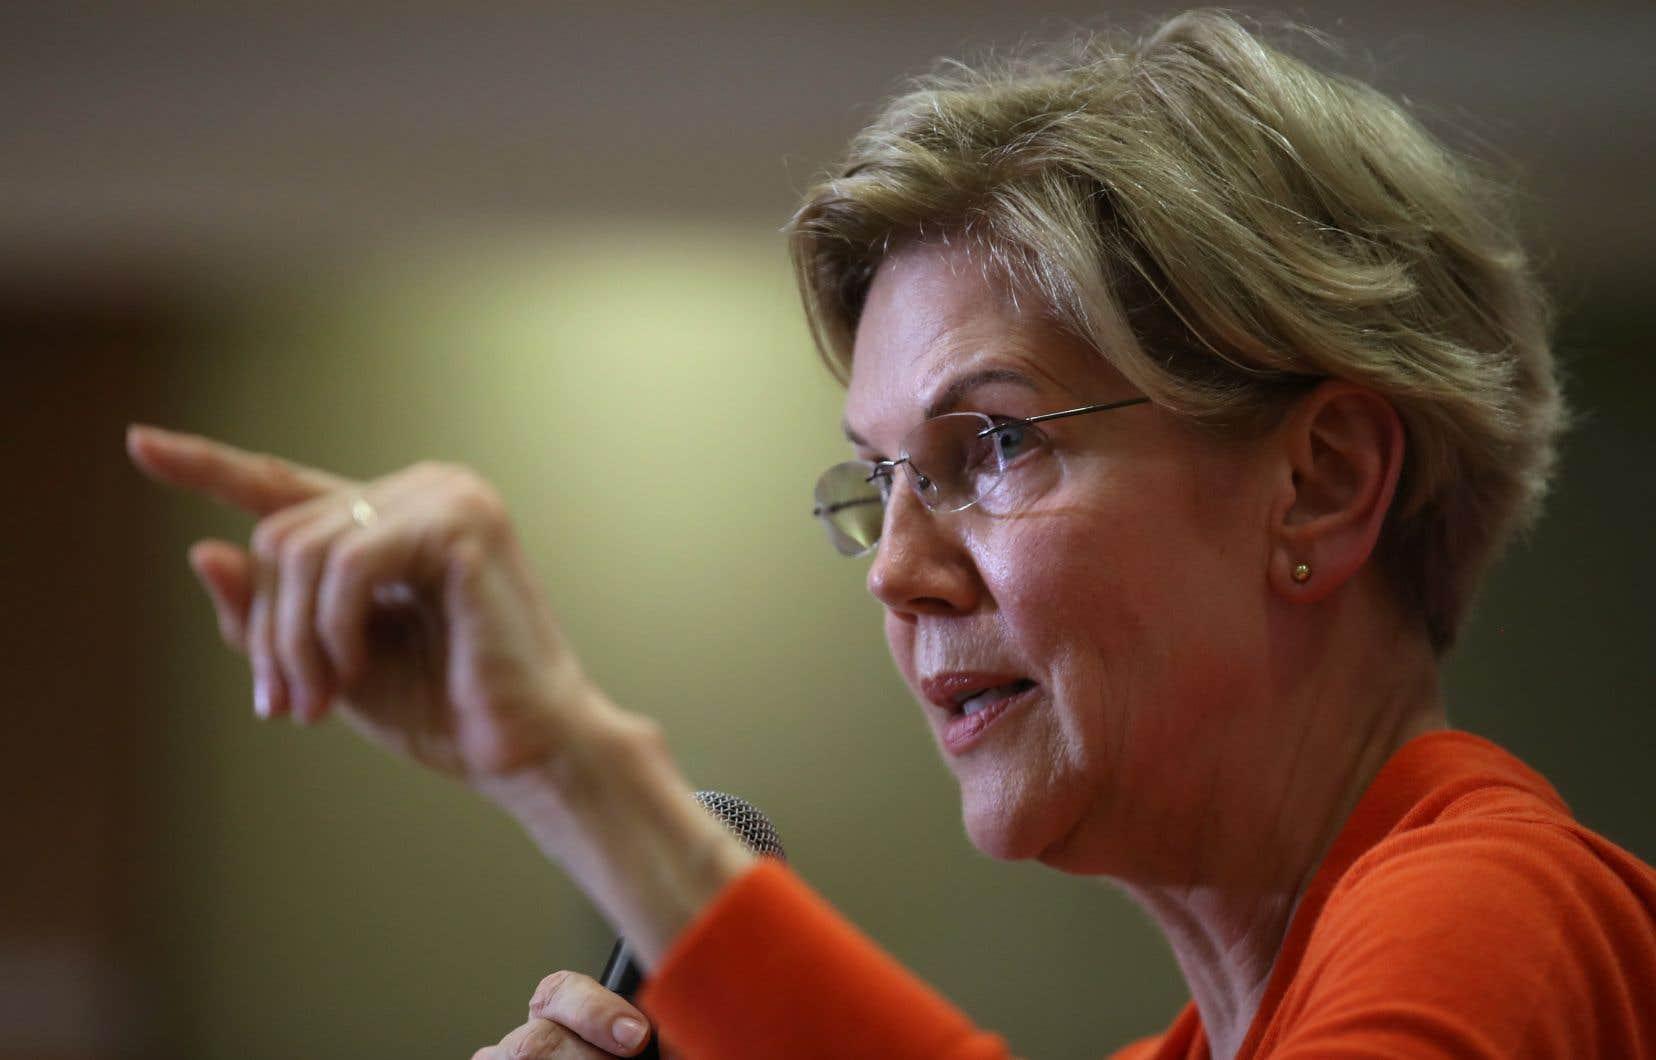 Portée par les sondages, la sénatrice progressiste Elizabeth Warren a été sélectionnée pour le prochain débat démocrate.